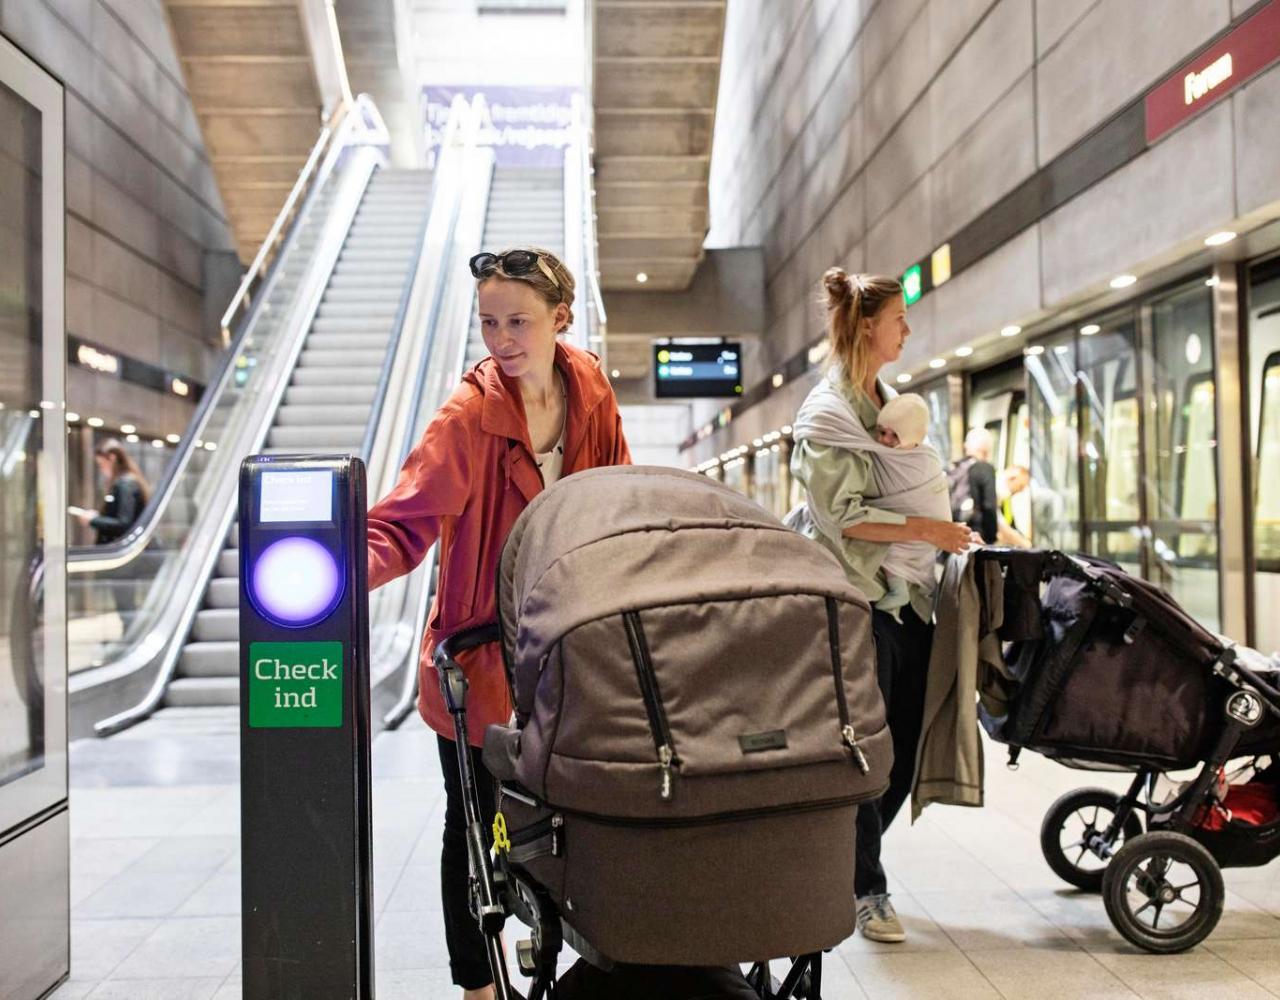 metrostation københavn check ind